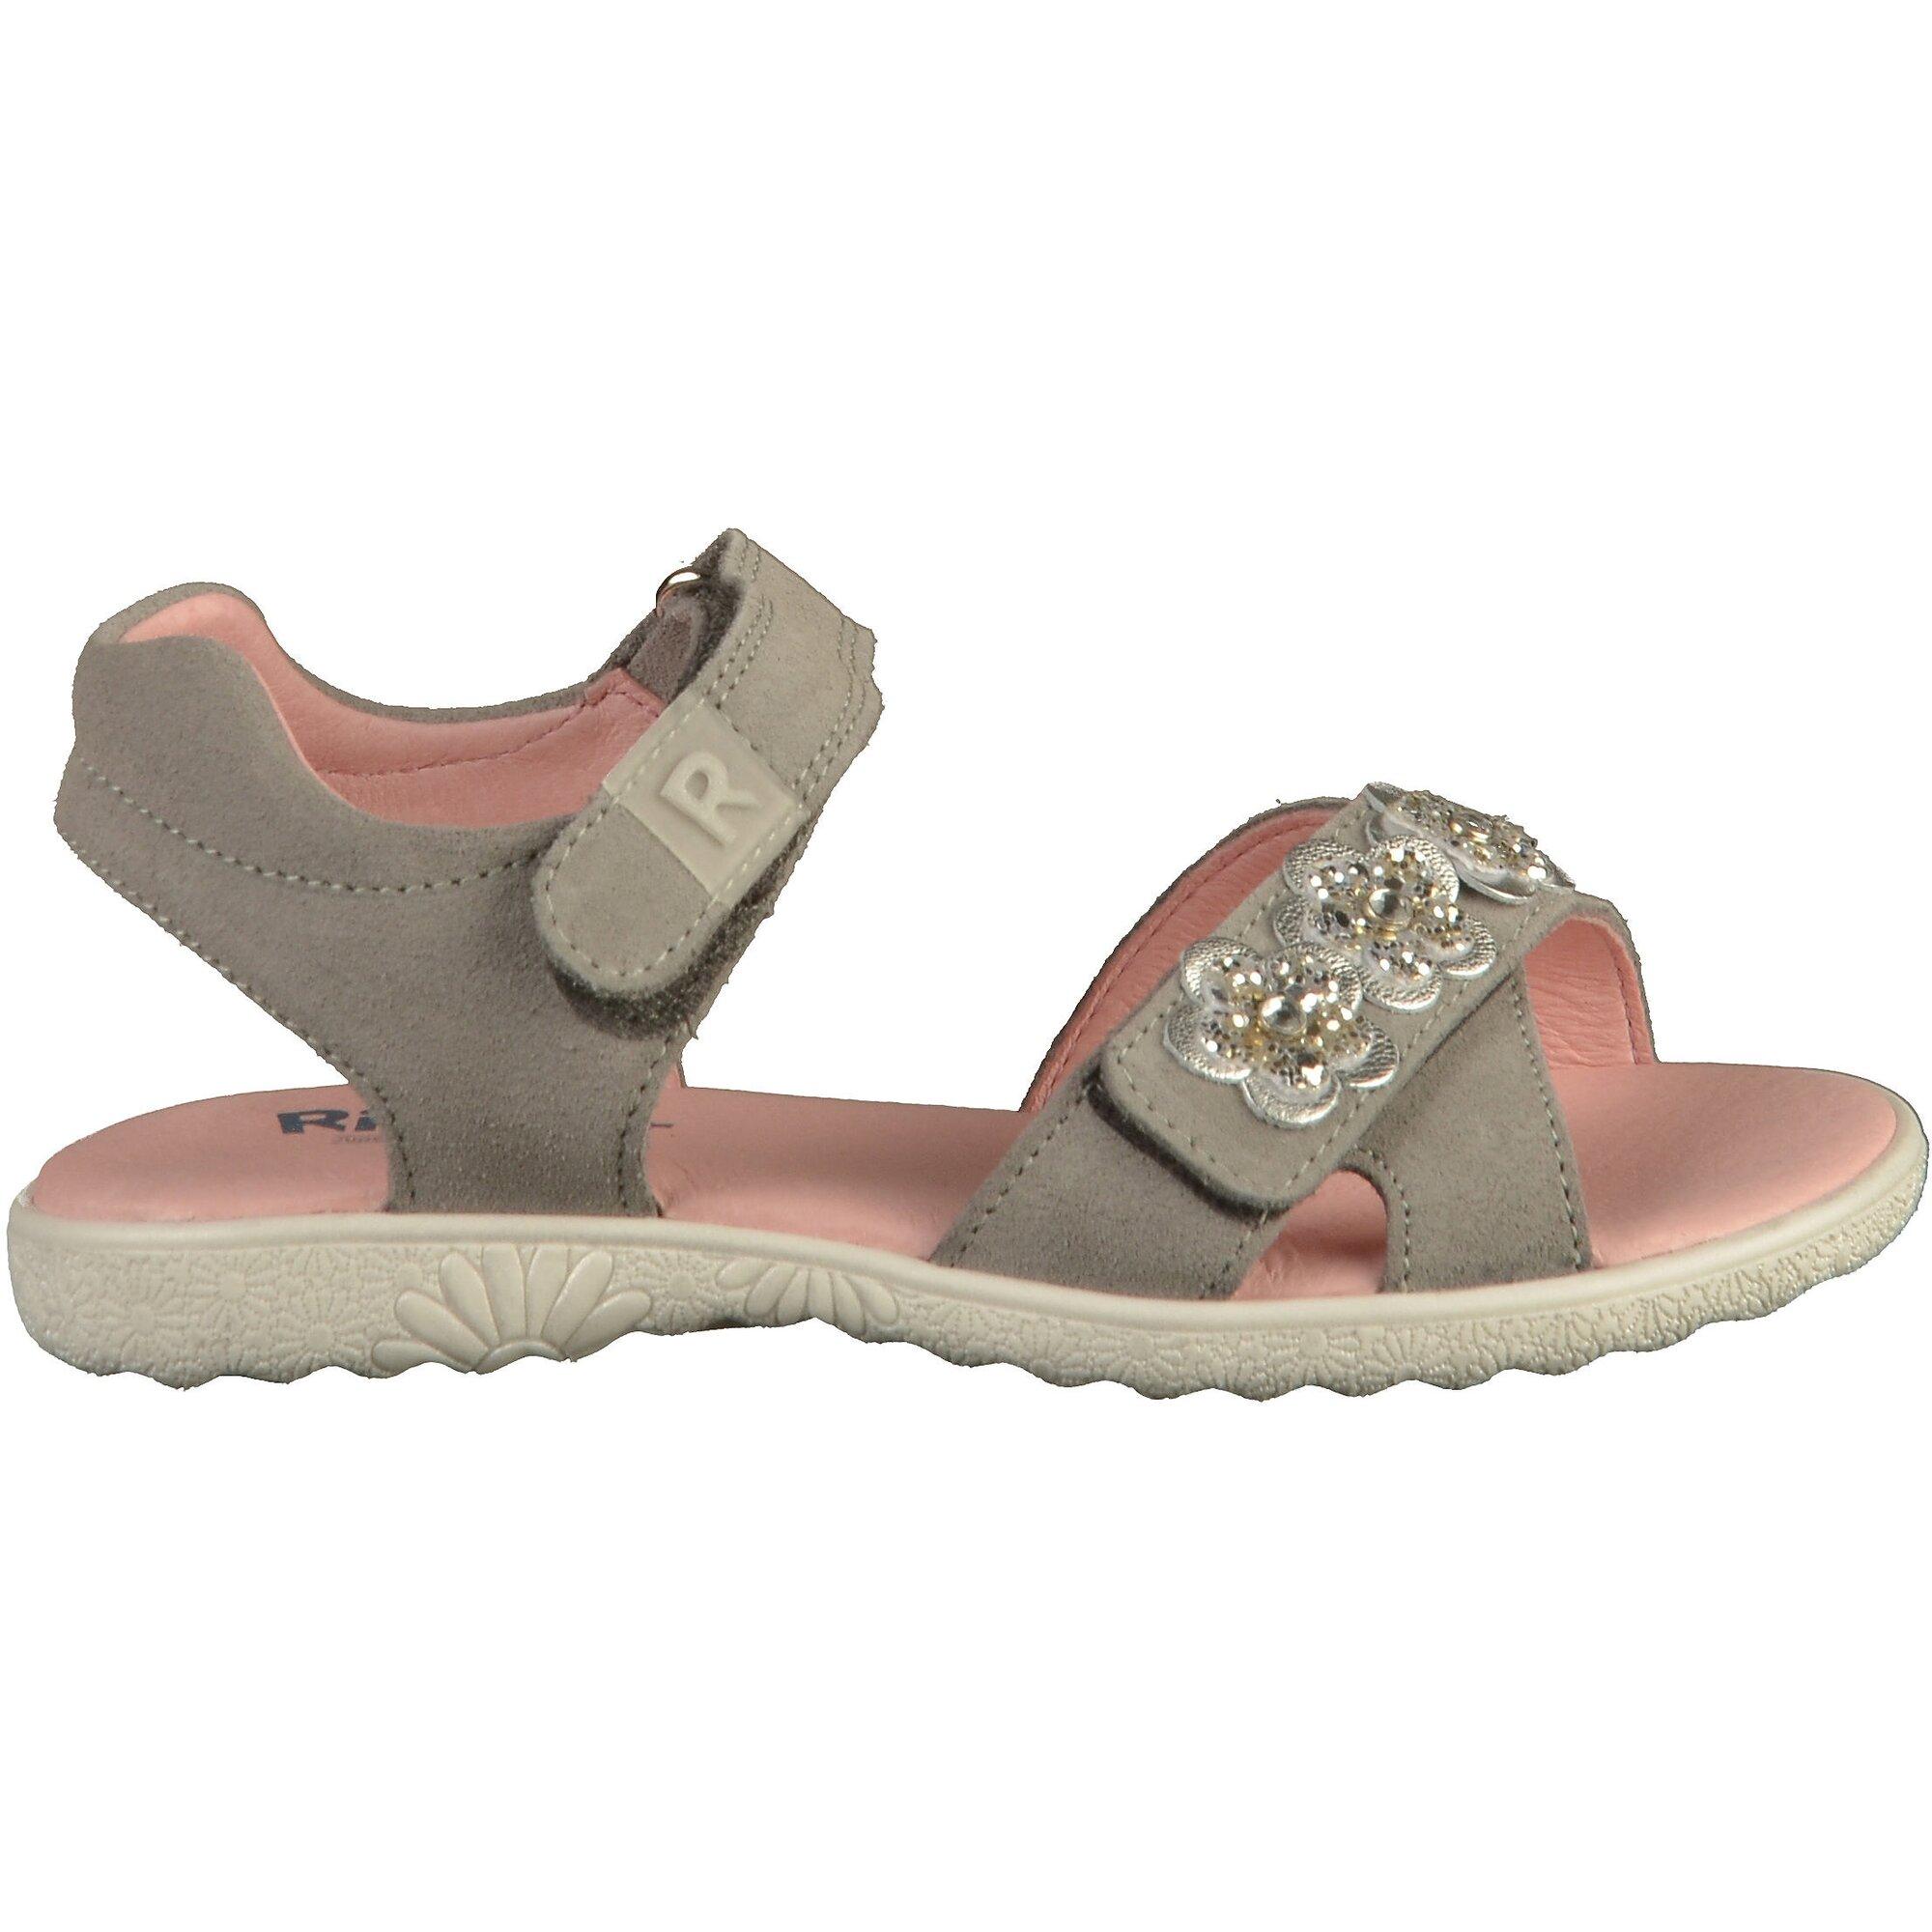 Richter Kinderschuhe Sandalen